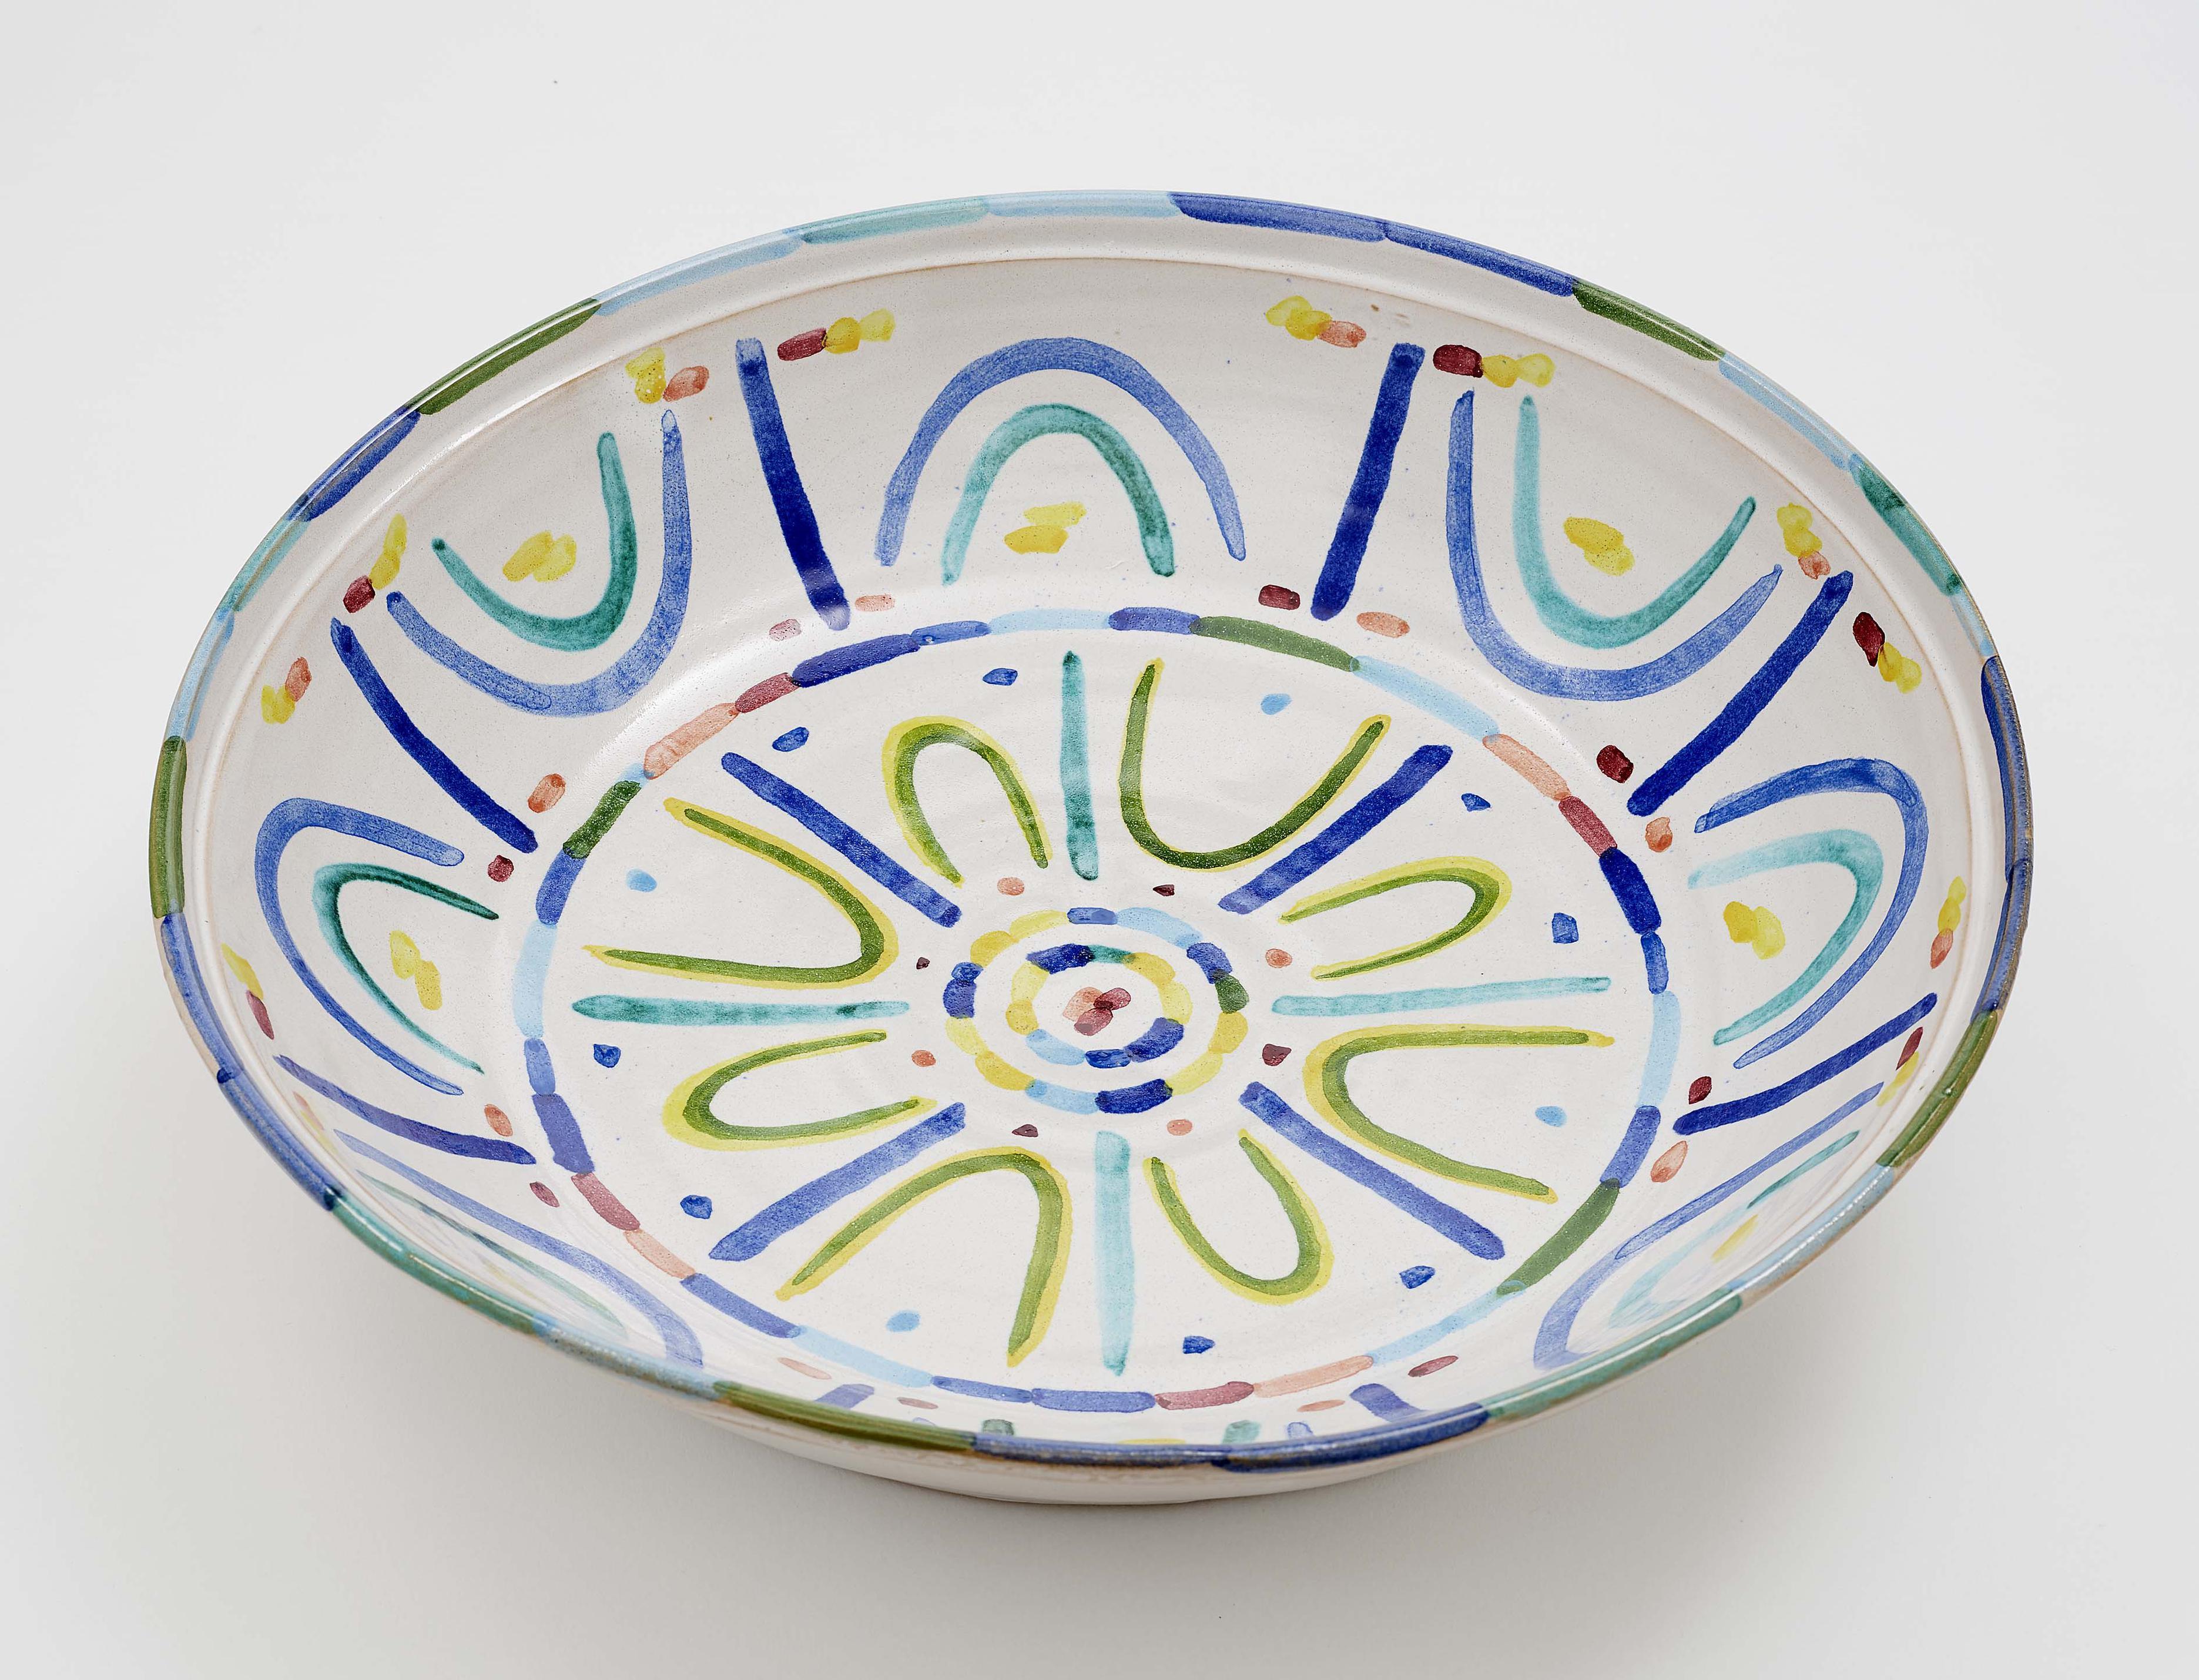 Piero Dorazio-Grosse Schale, Kugelvase Und Kerzenstander (A large bowl)-